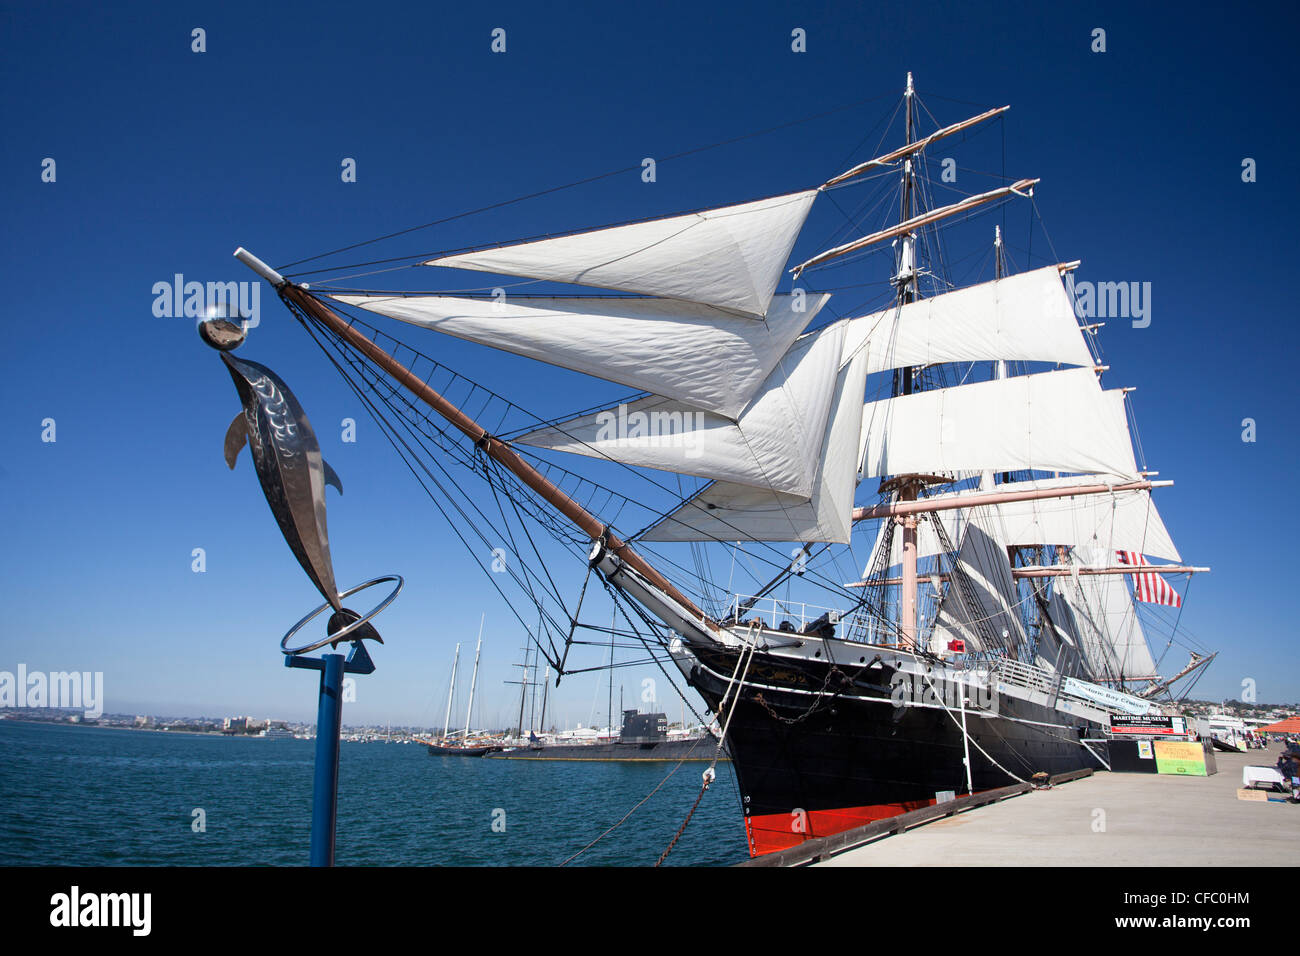 Stati Uniti d'America, Stati Uniti, America, California, San Diego, città museo marittimo, barca a vela, la stella Foto Stock